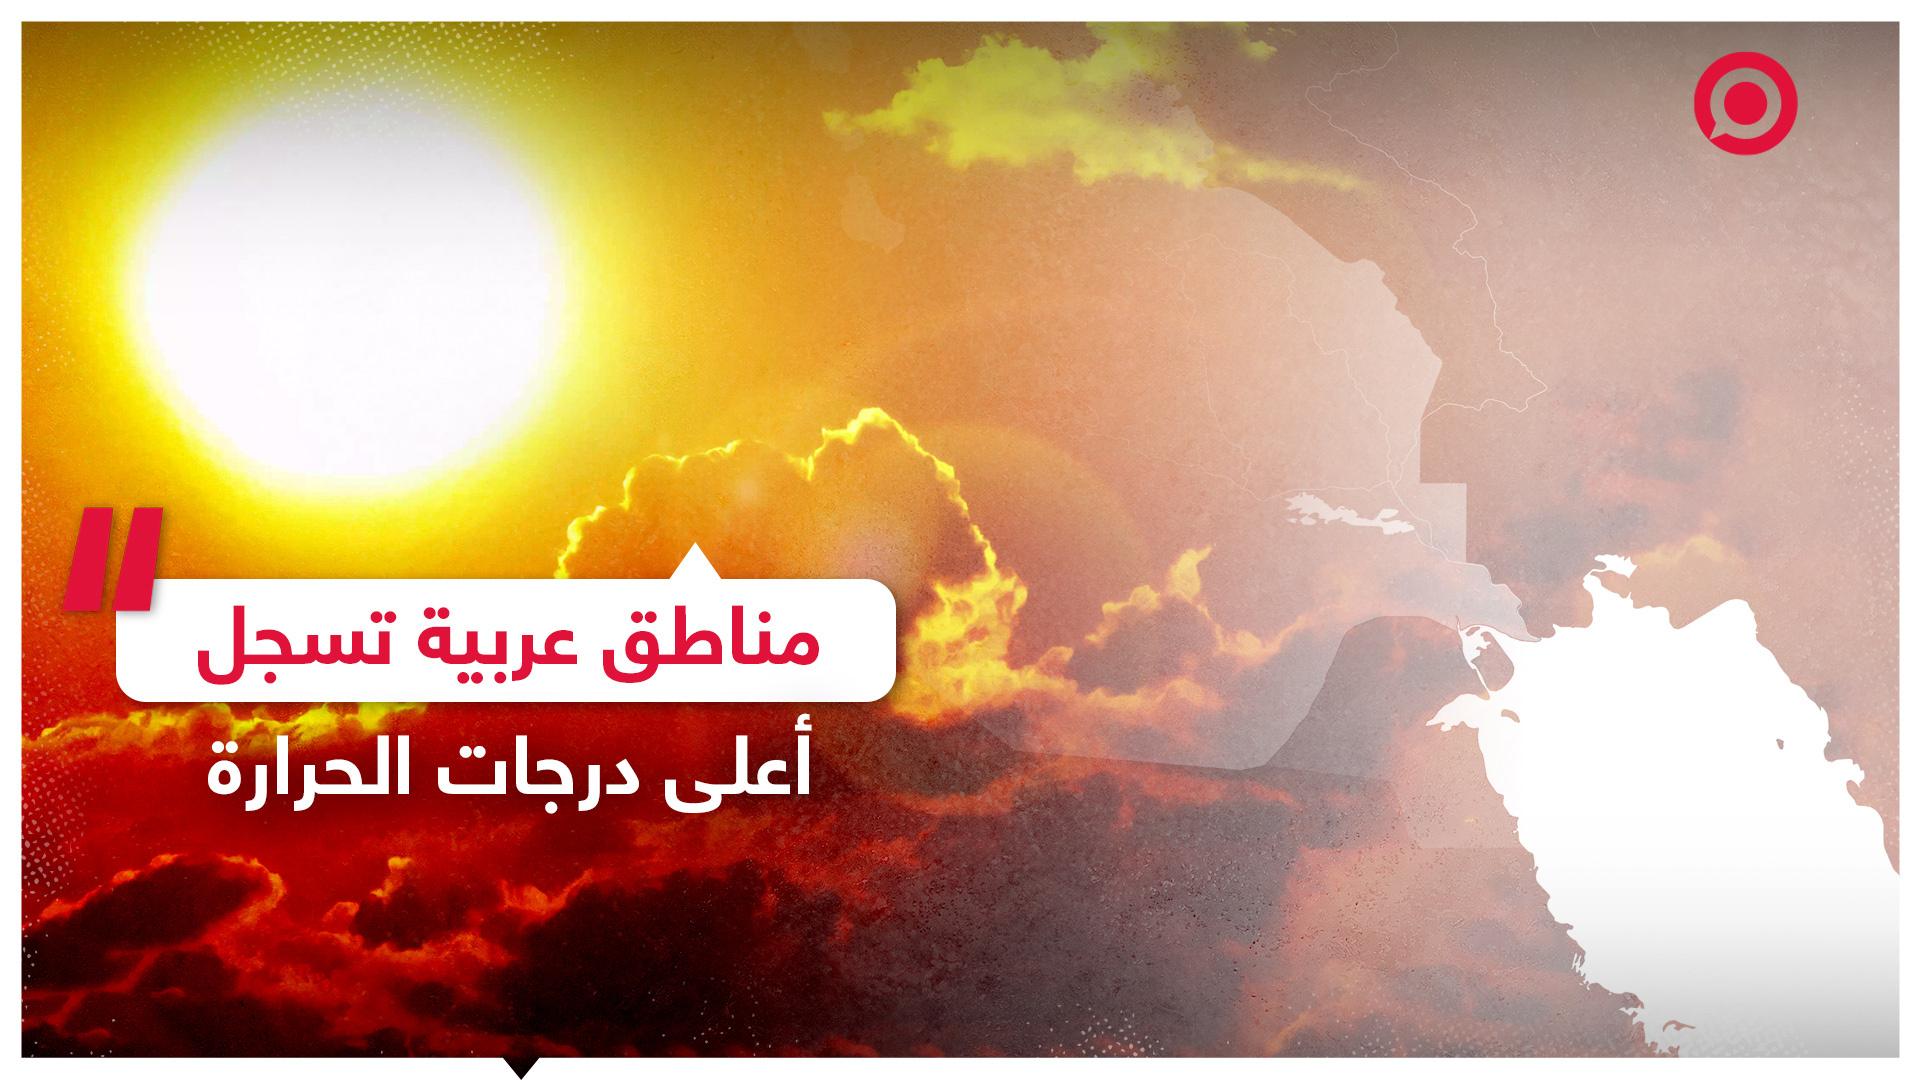 مدن عربية تسجل أعلى درجات حرارة في العالم